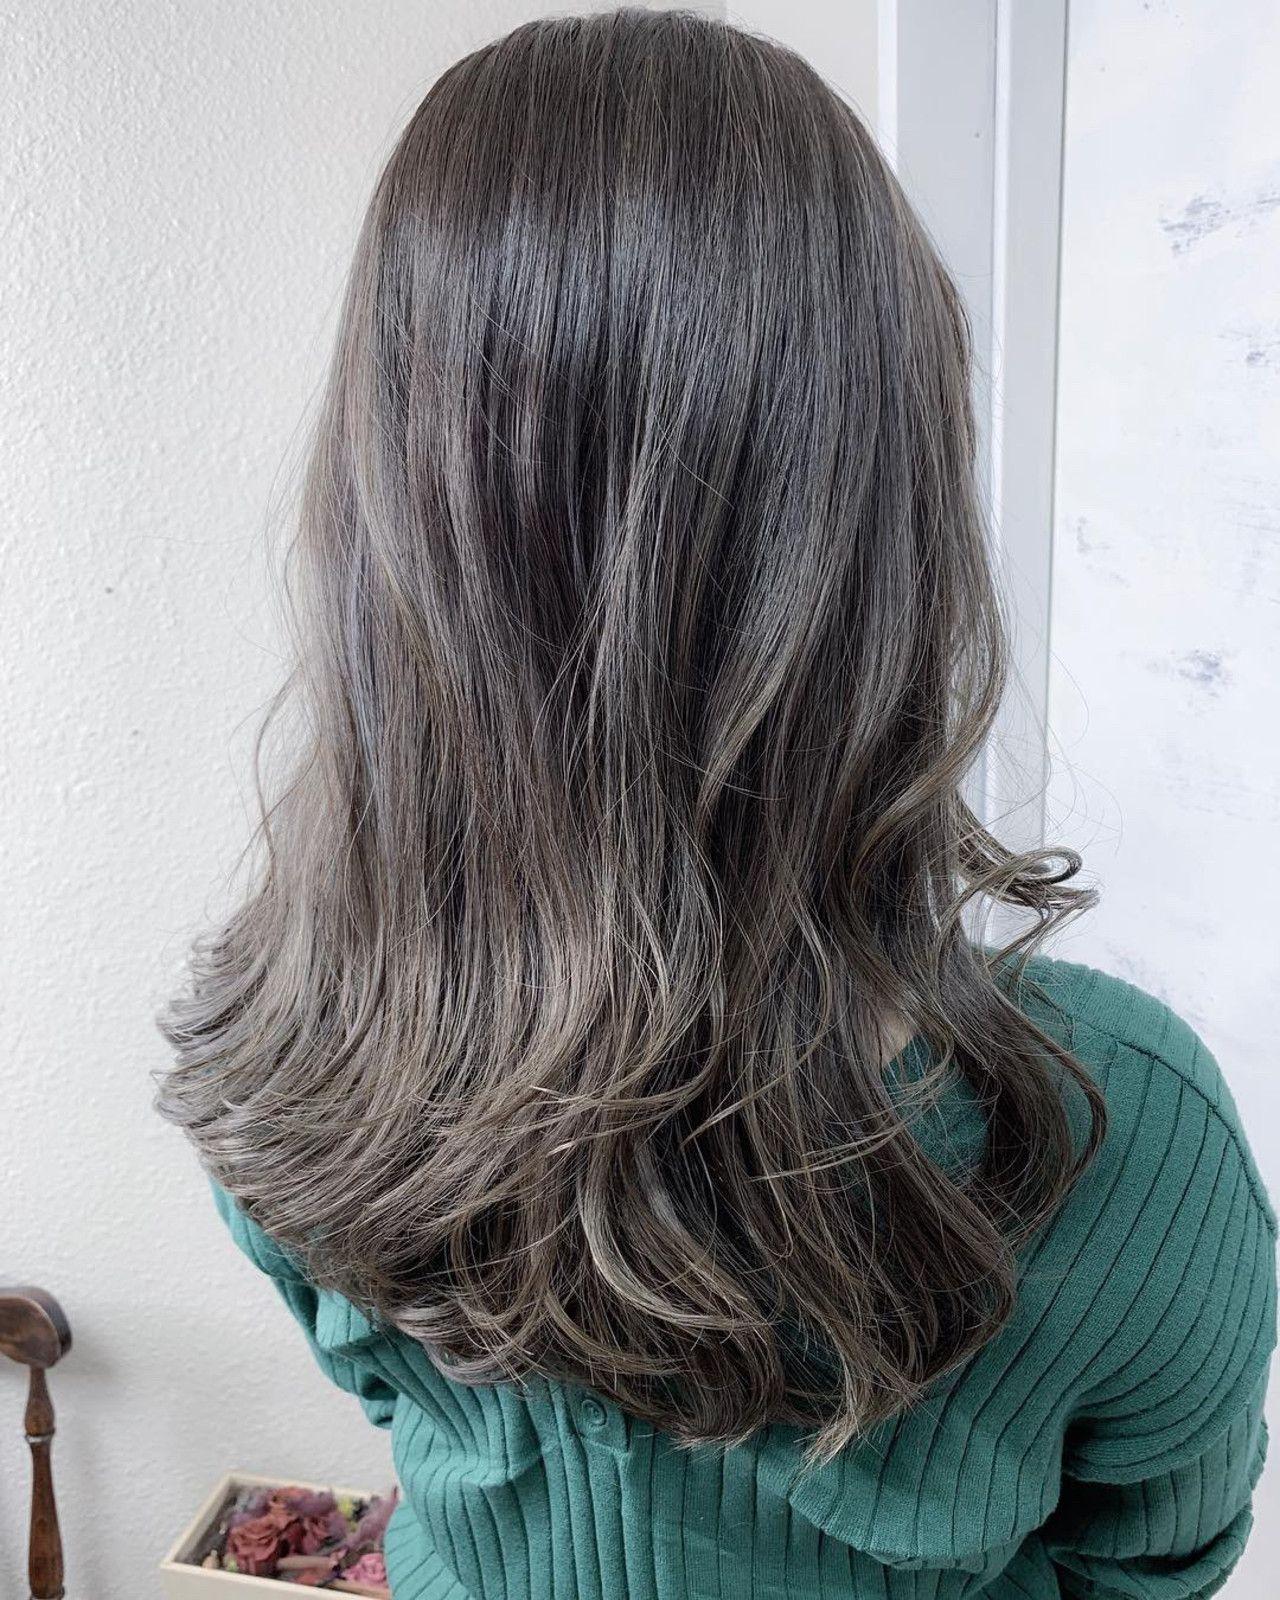 明るめ 暗めどっちも可愛い グレー系髪色で似合うコーデをご提案